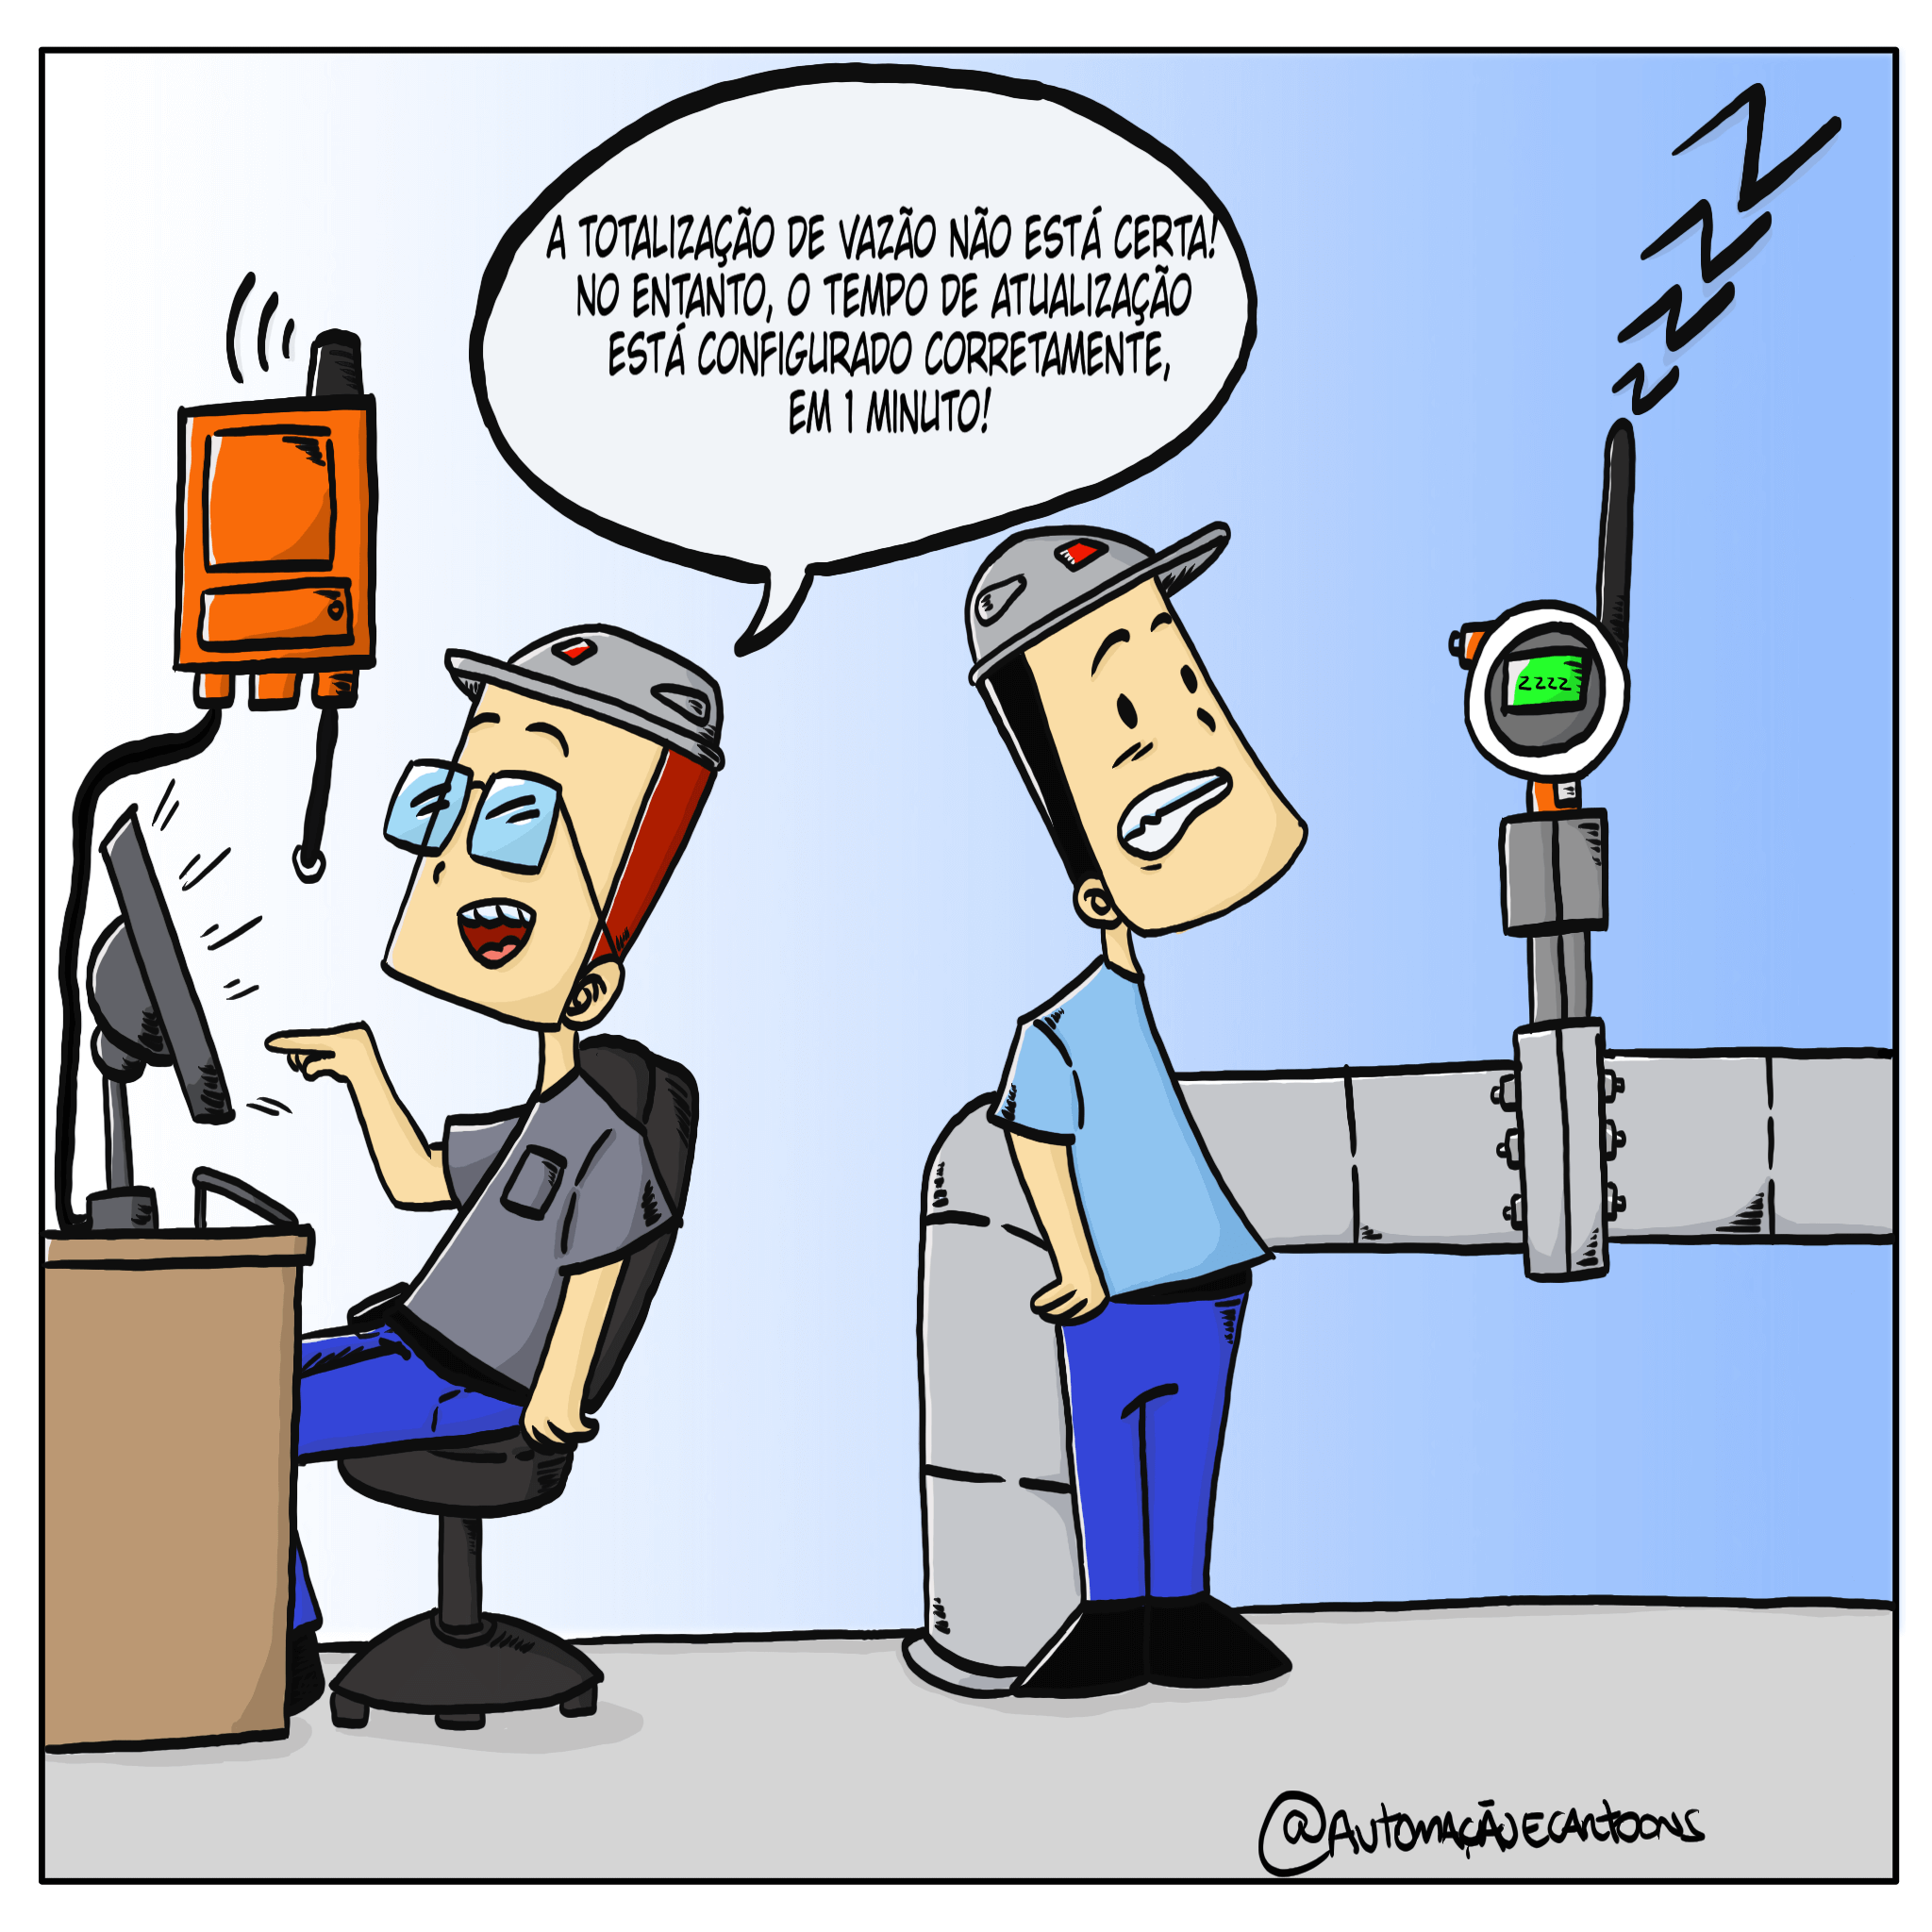 totalizacao-vazao-wirelesshart